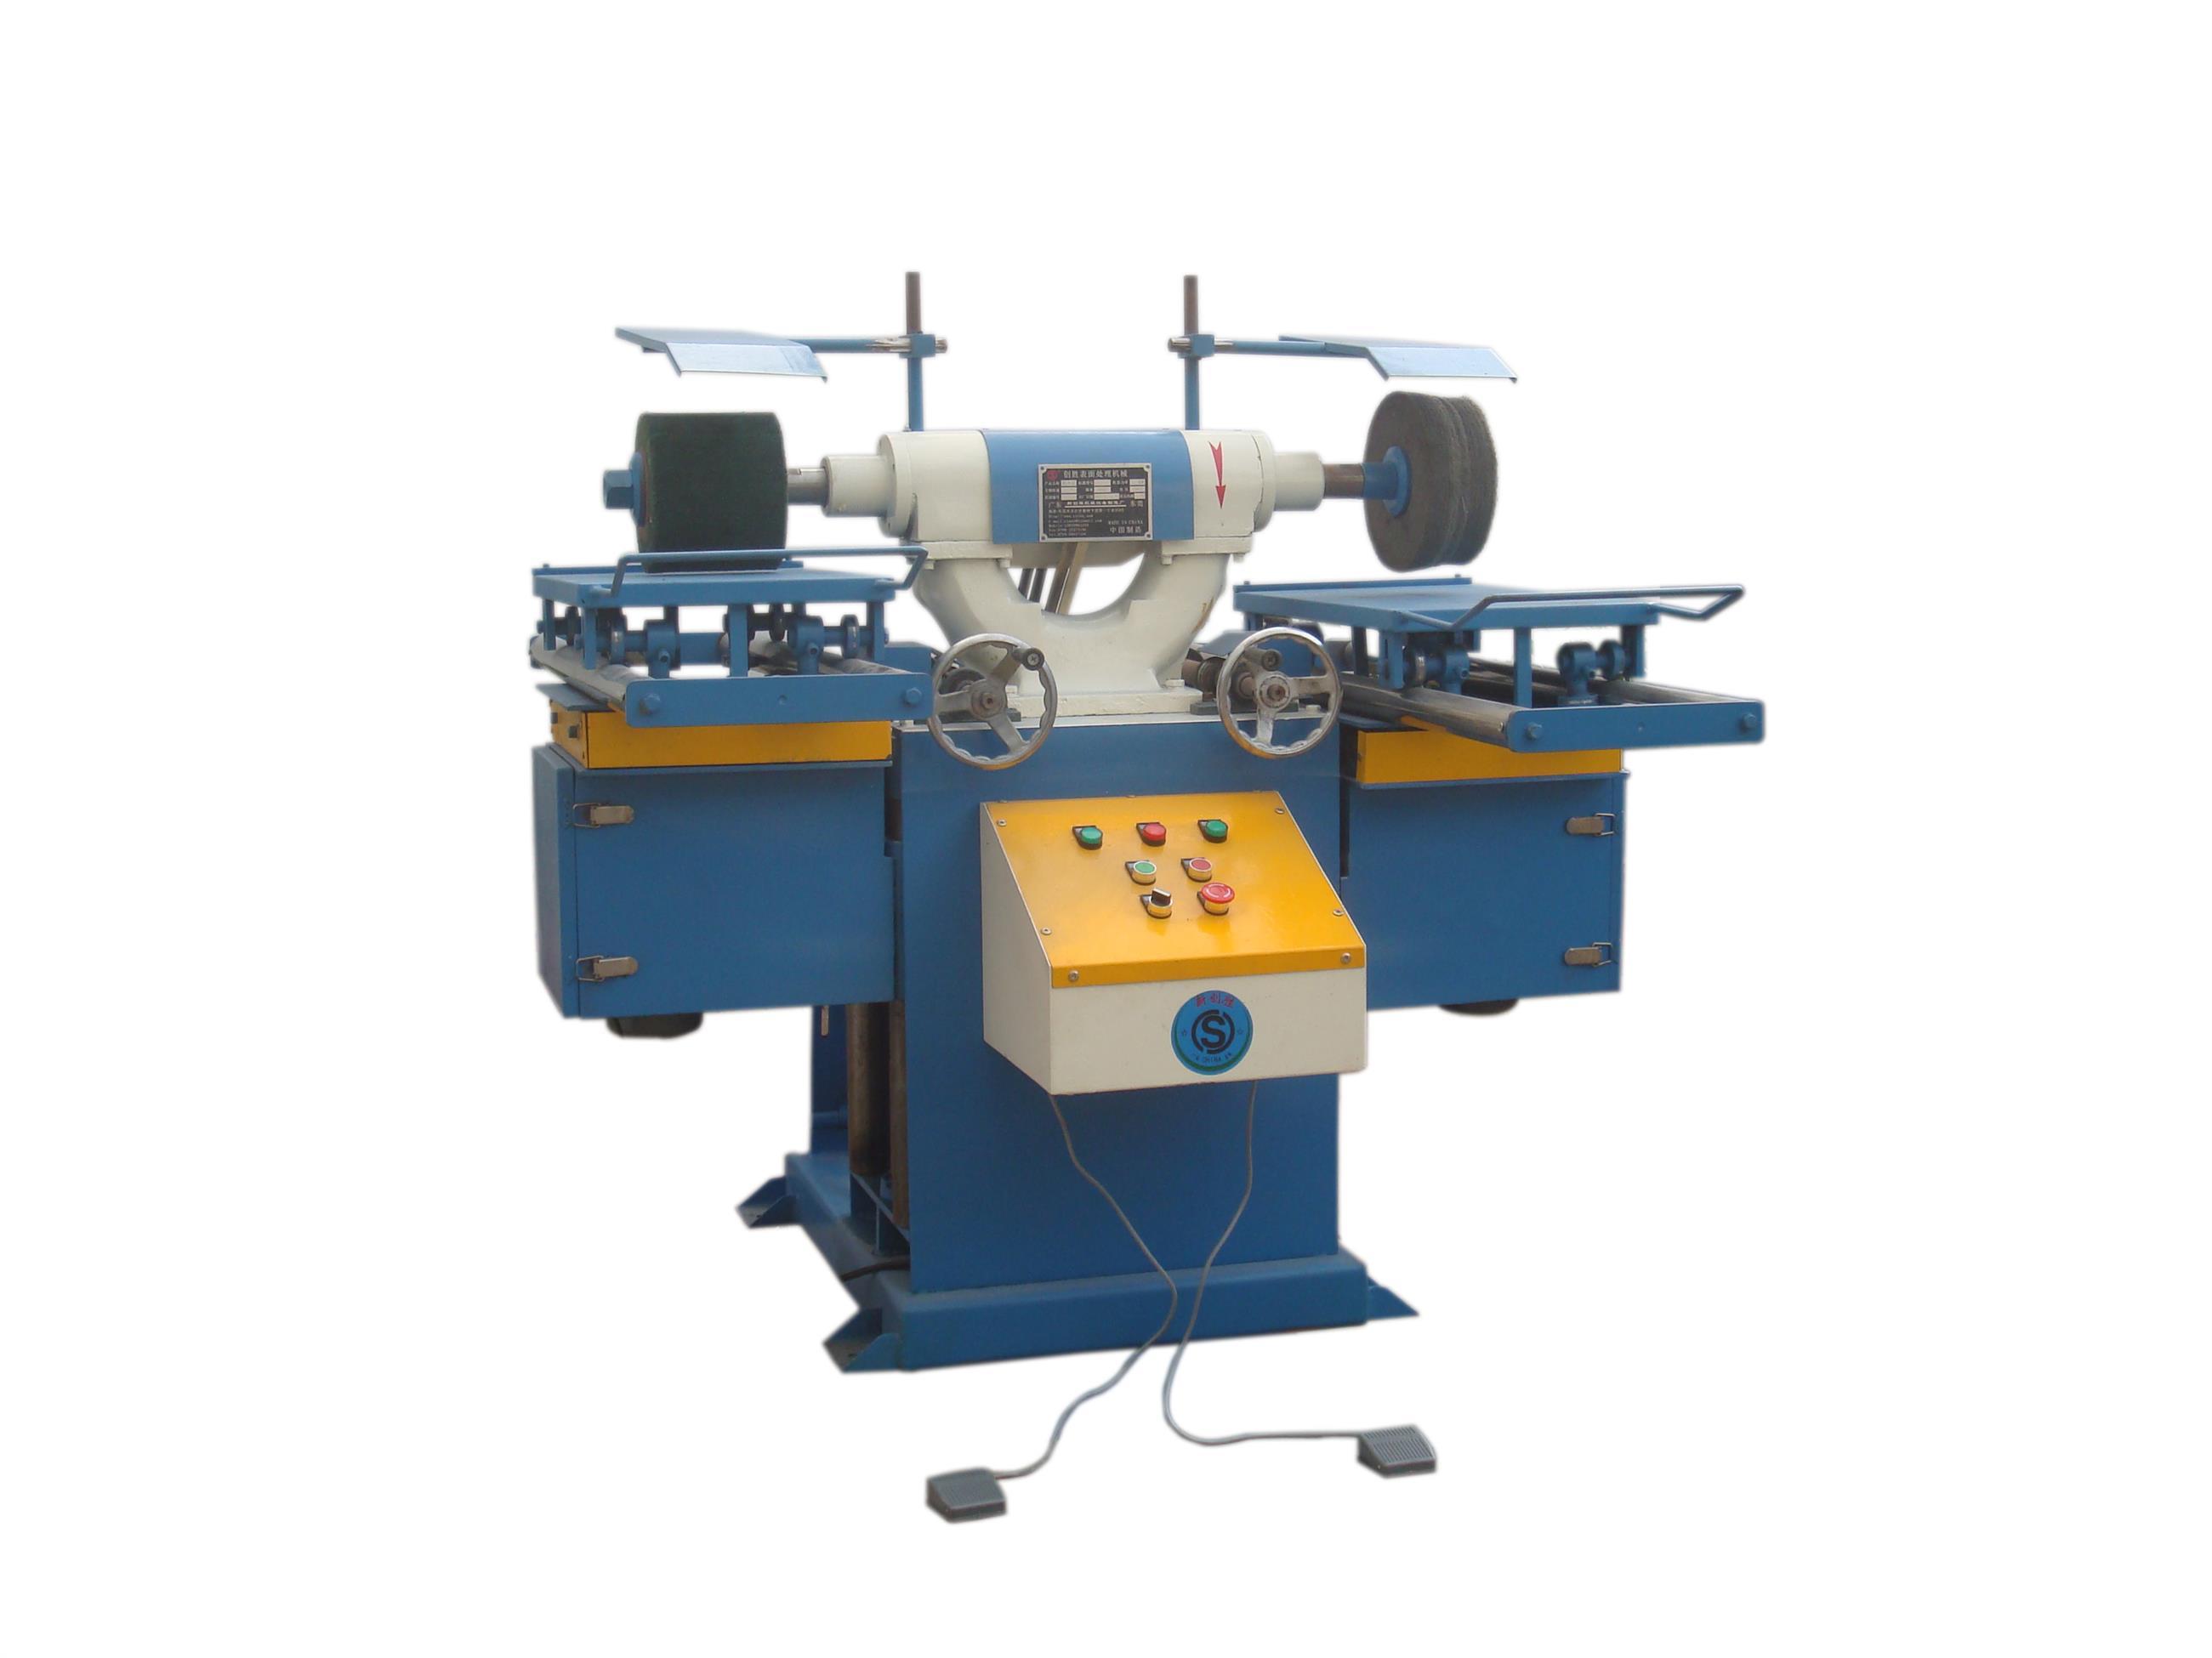 方条水磨拉丝机 平面打磨机 生产效率高 安全可靠